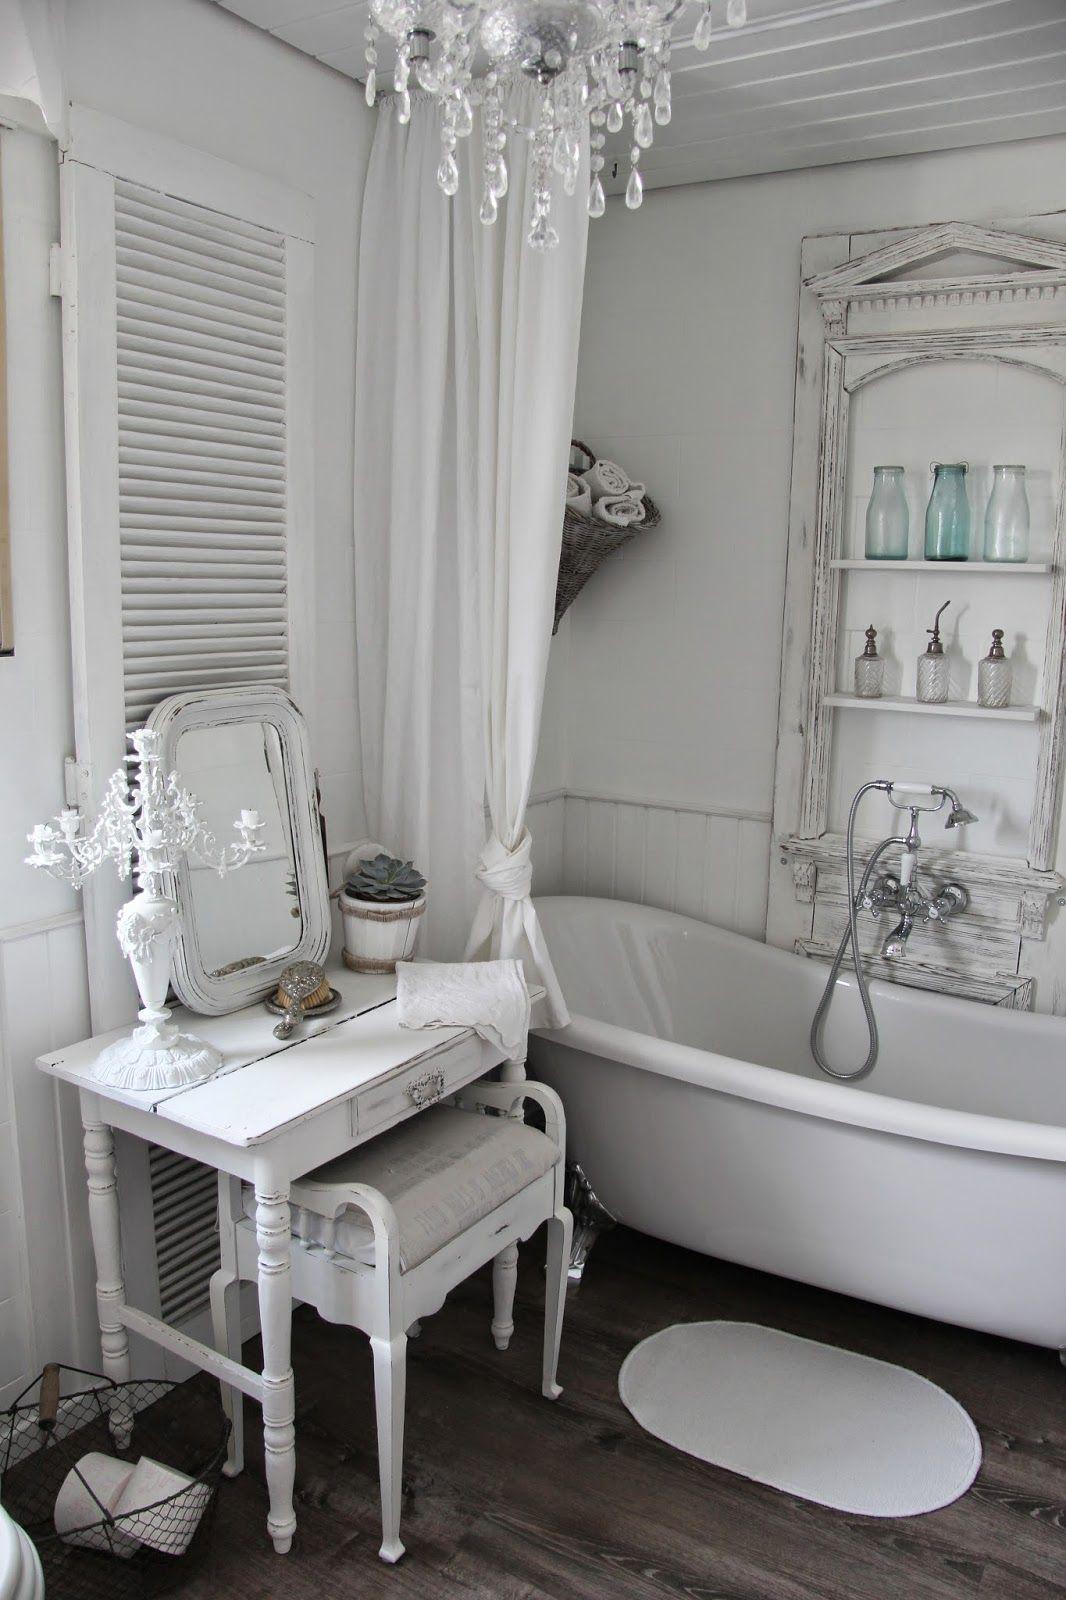 Badezimmer Mit Schmicktisch, Weiße Romantische Landhausmöbel, Vintage  Möbel, Shabby Chic Style